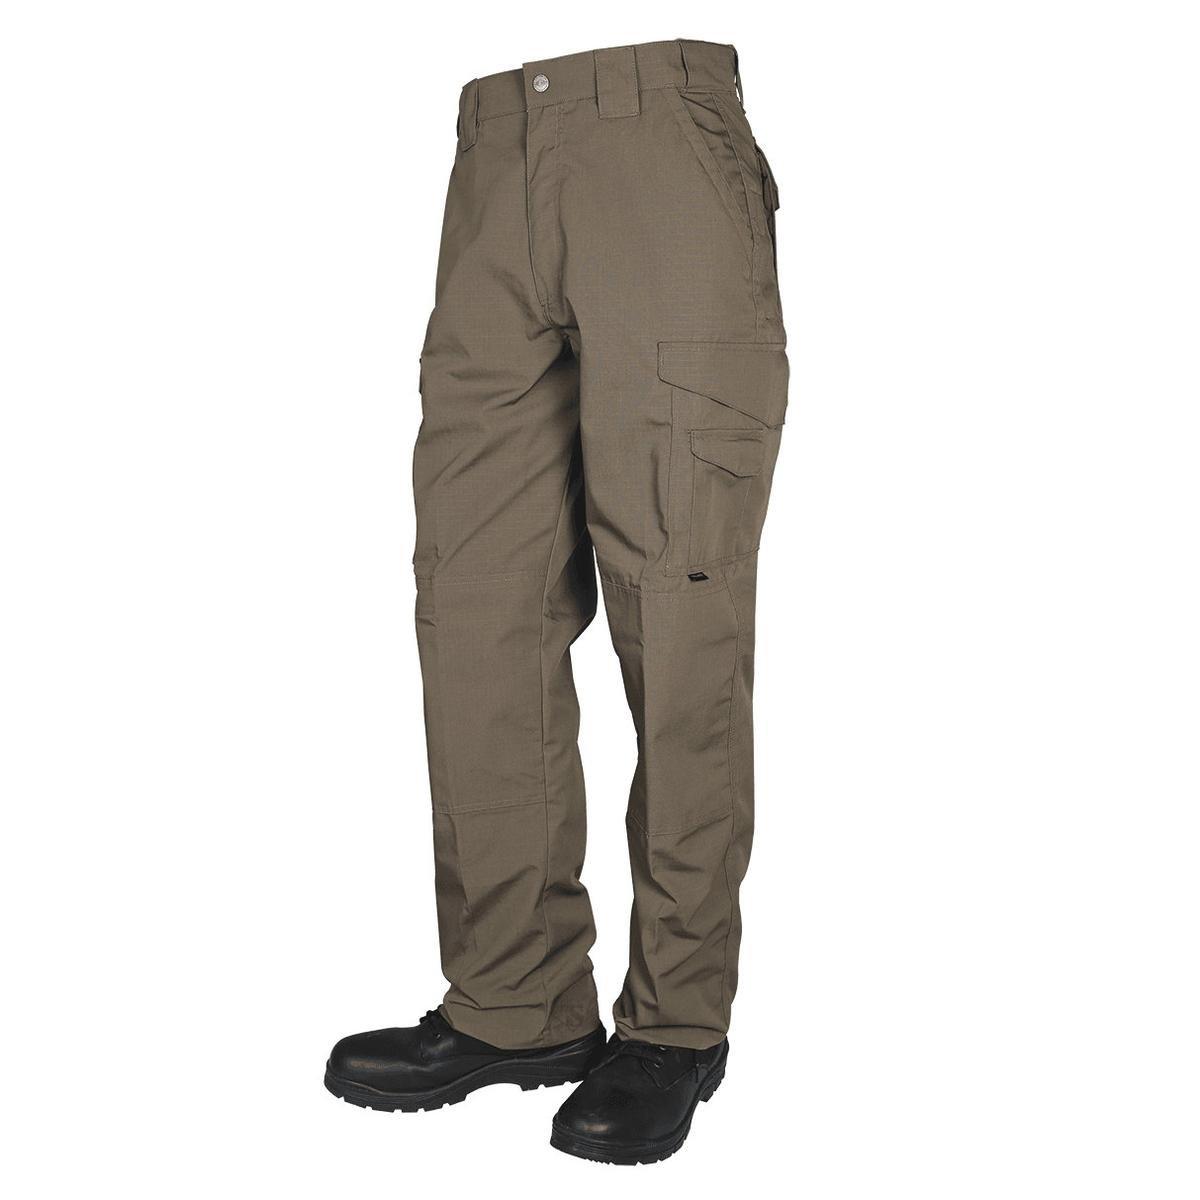 TRU-SPEC Men's 24/7 Tactical Pants, Earth, 28 X 30